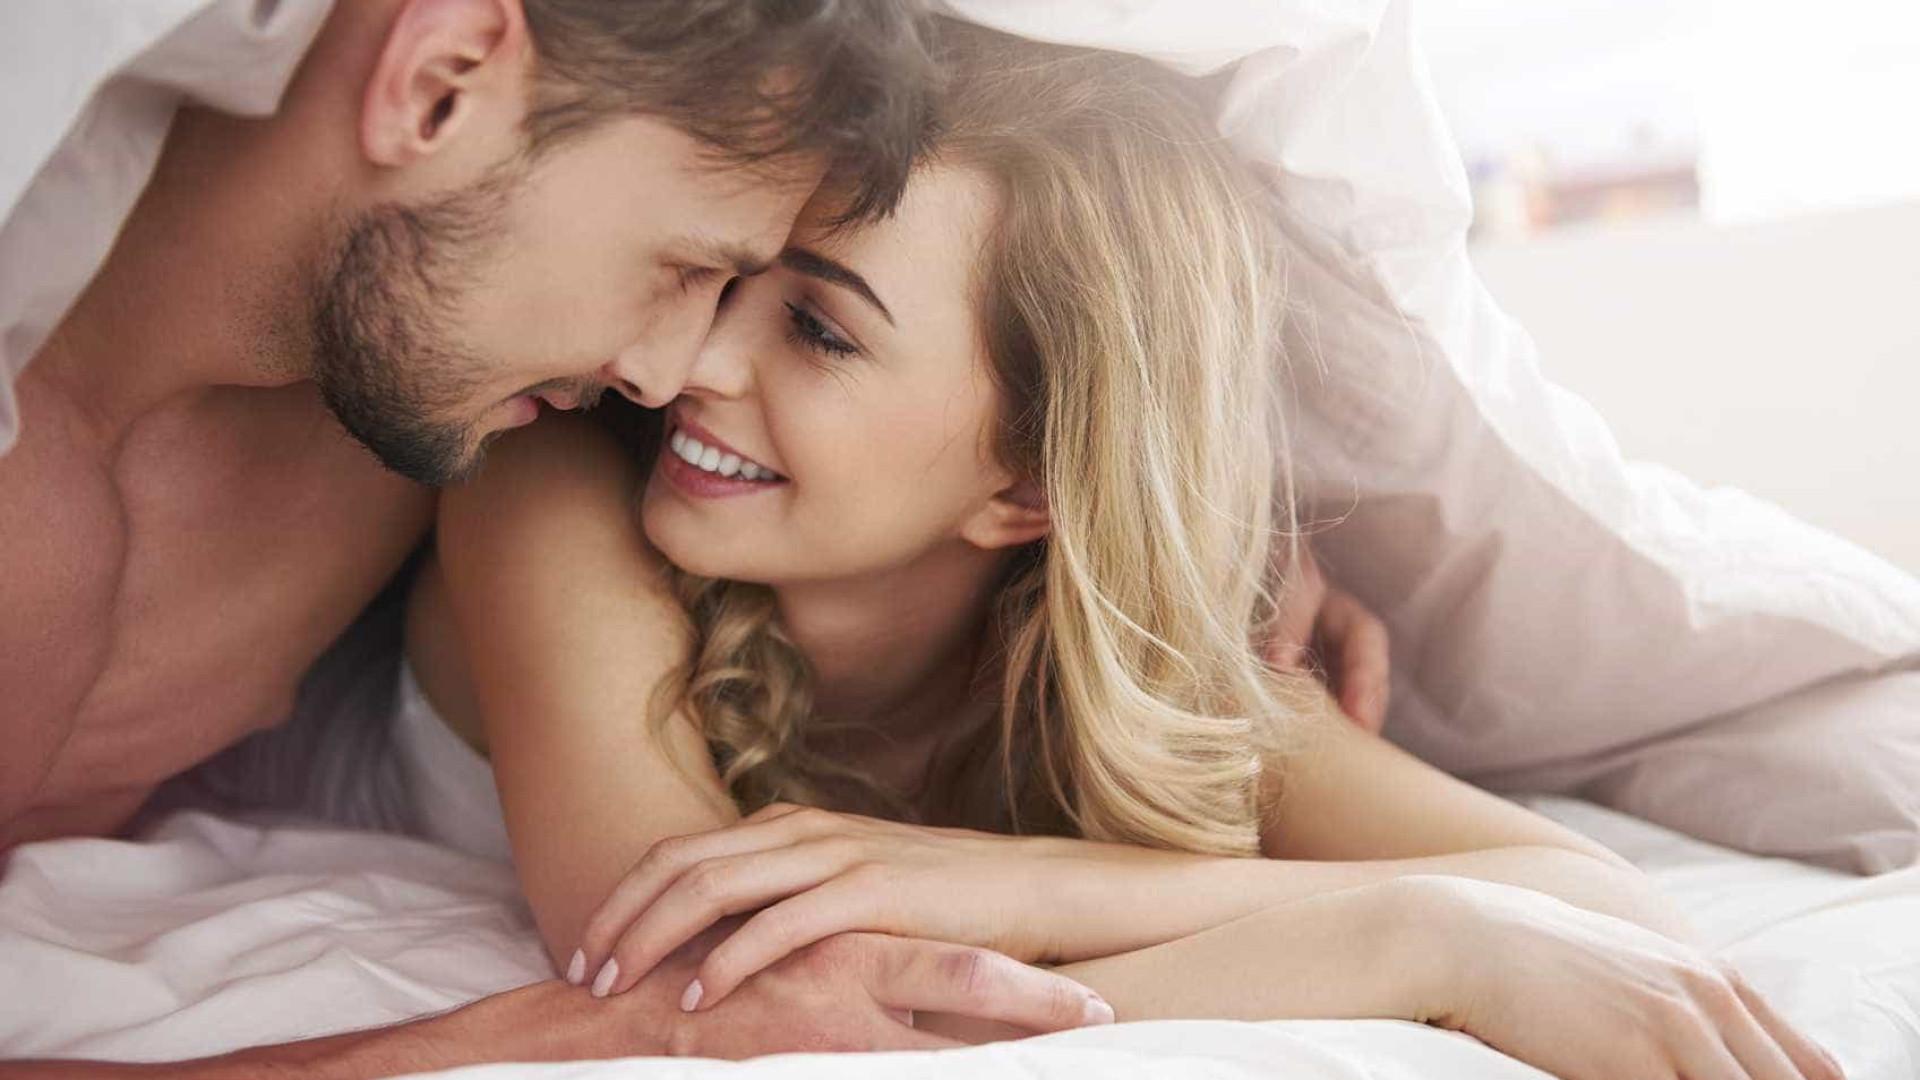 Estudo revela o segredo para uma vida sexual feliz